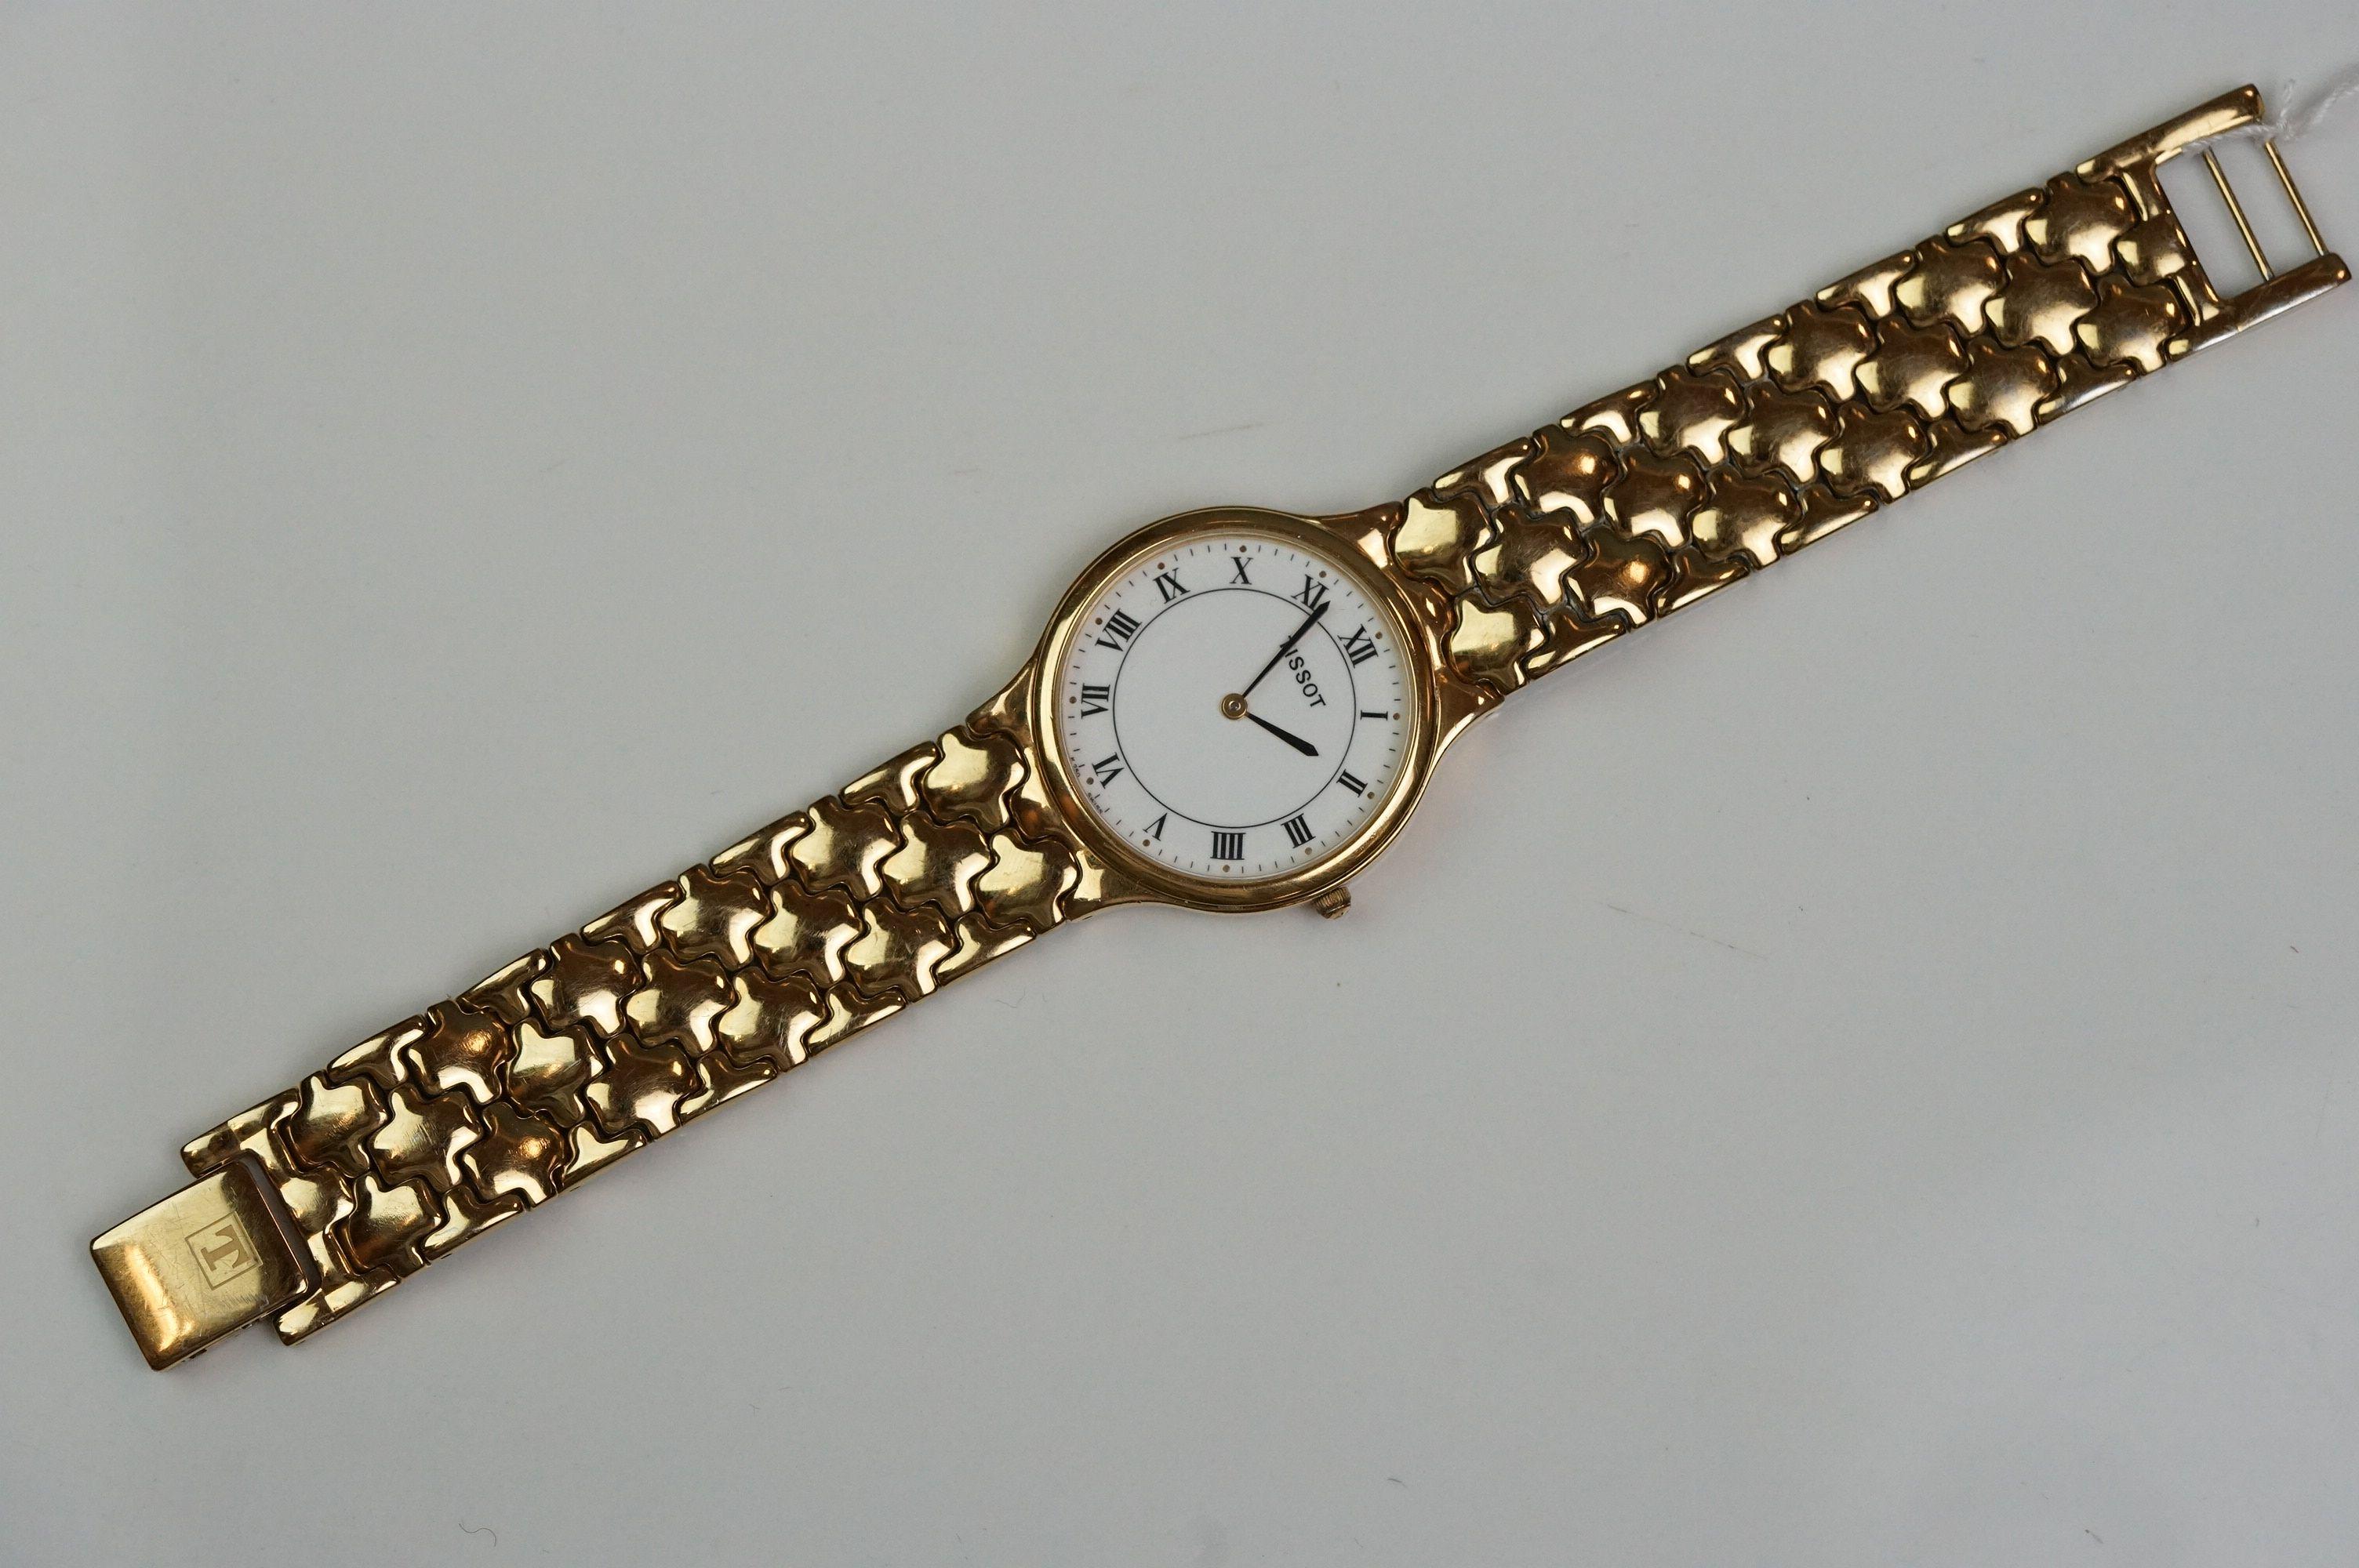 Tissot K250 gold plated dress watch